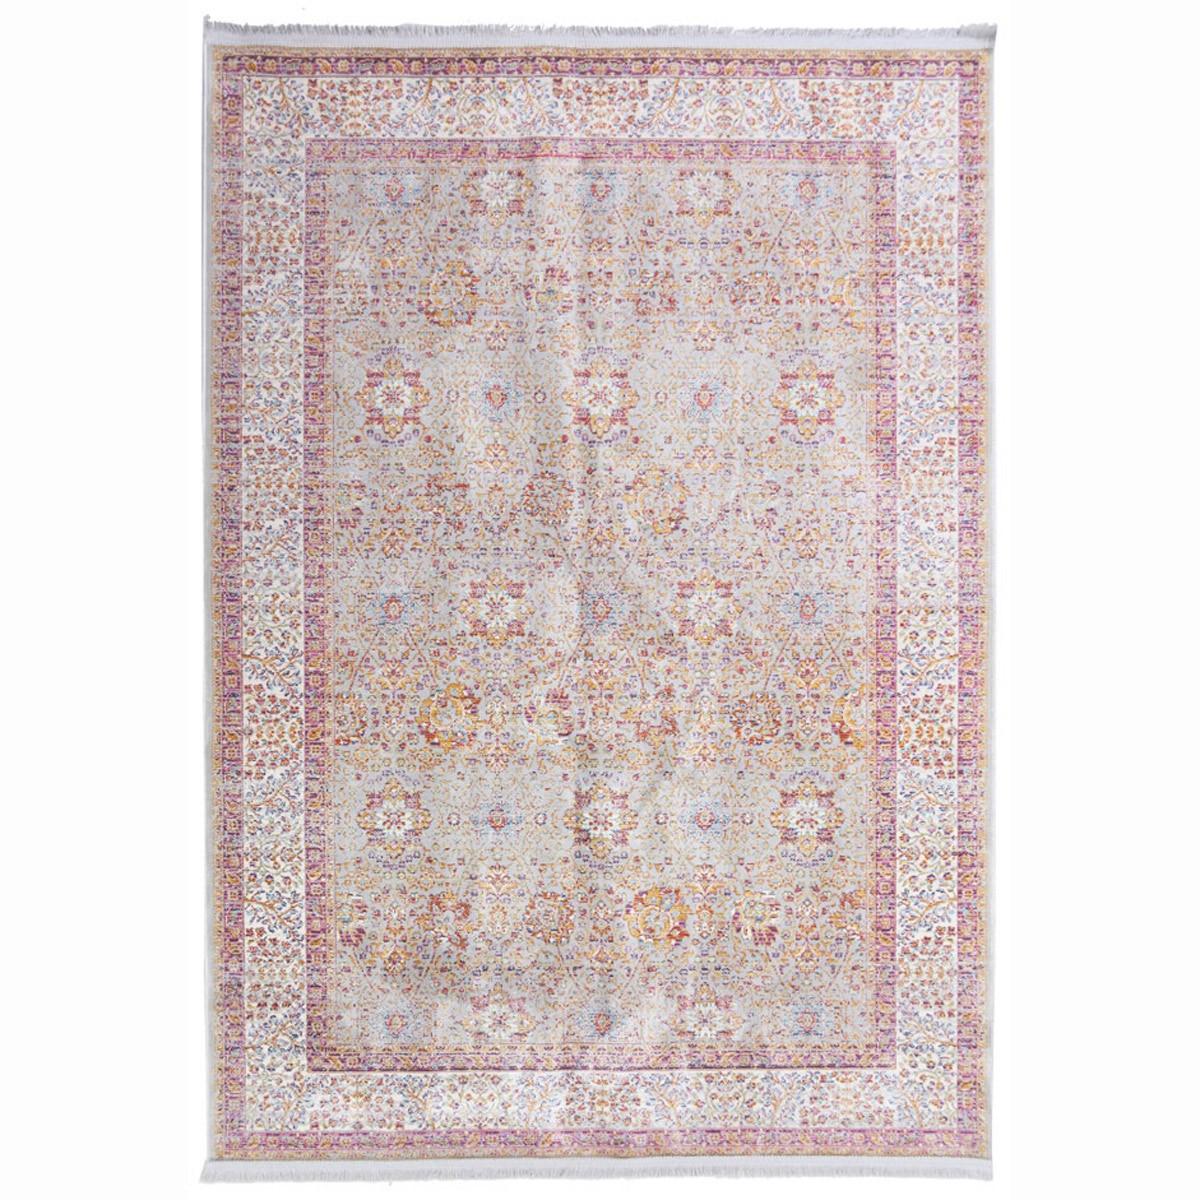 Καλοκαιρινό Χαλί (160x230) Royal Carpets Sevilla 5810 Silver S5